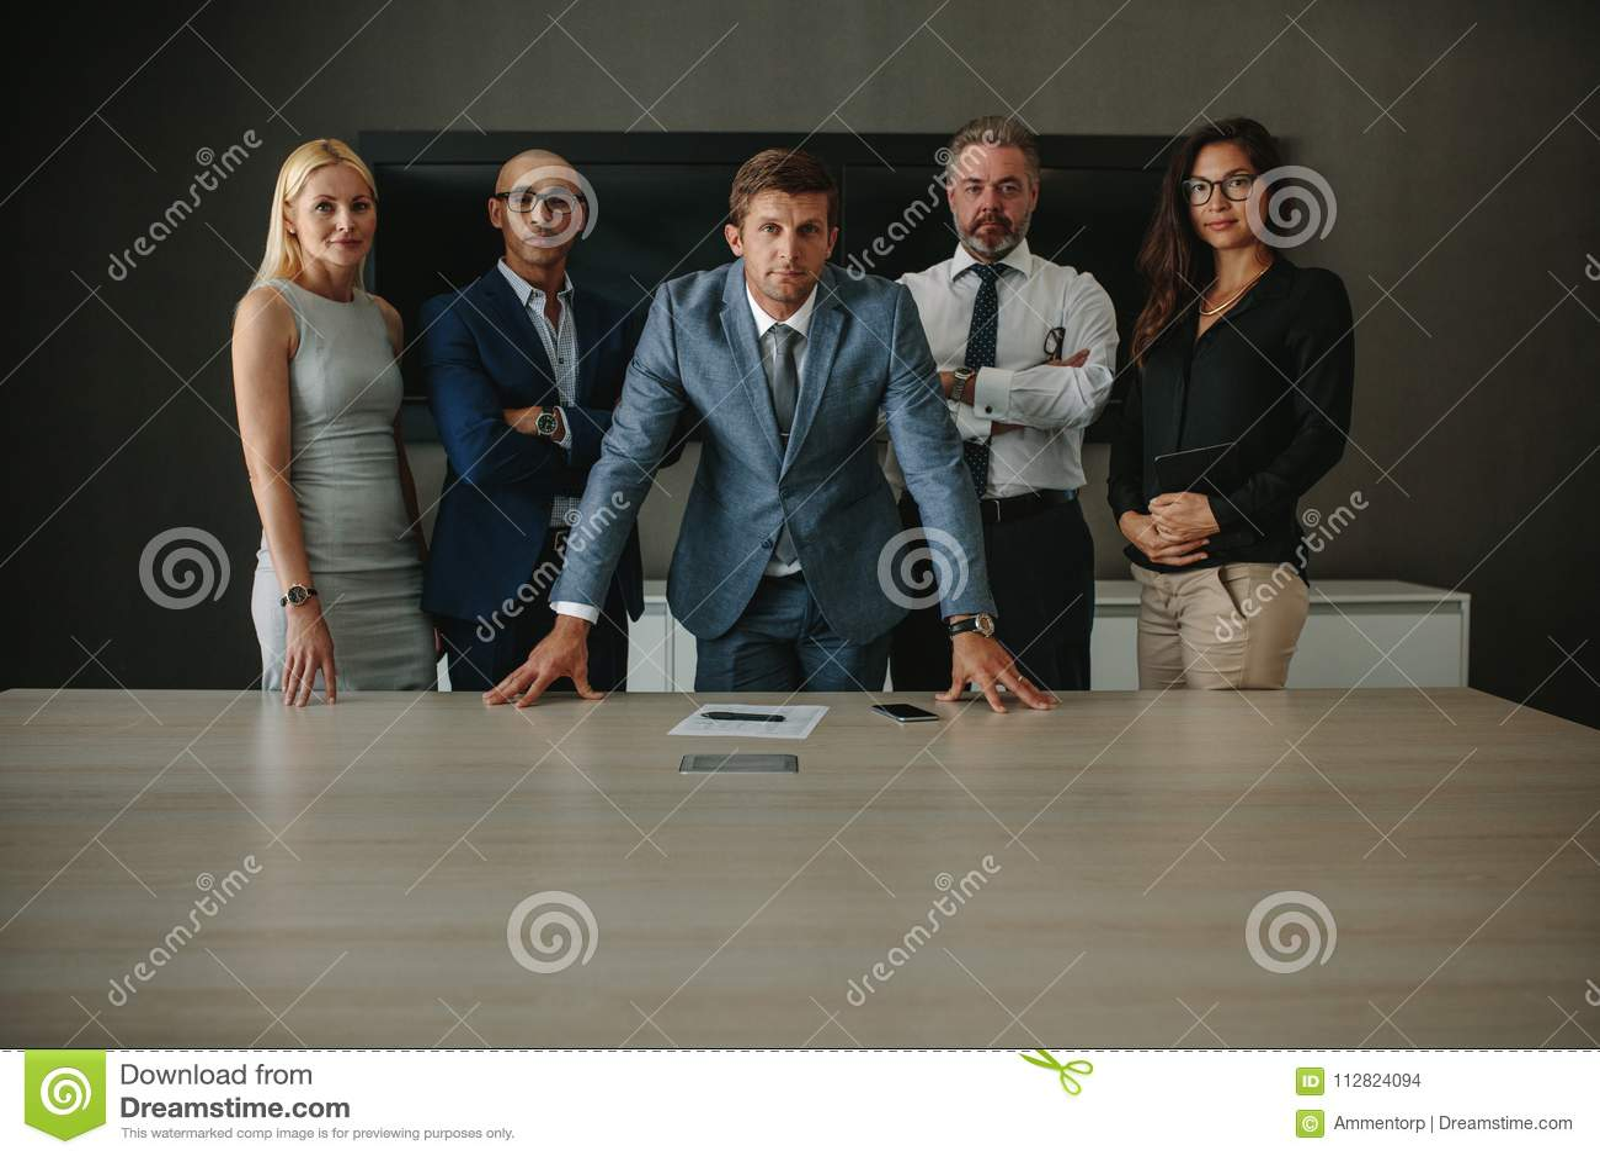 Säkra företags professionell i mötesrum